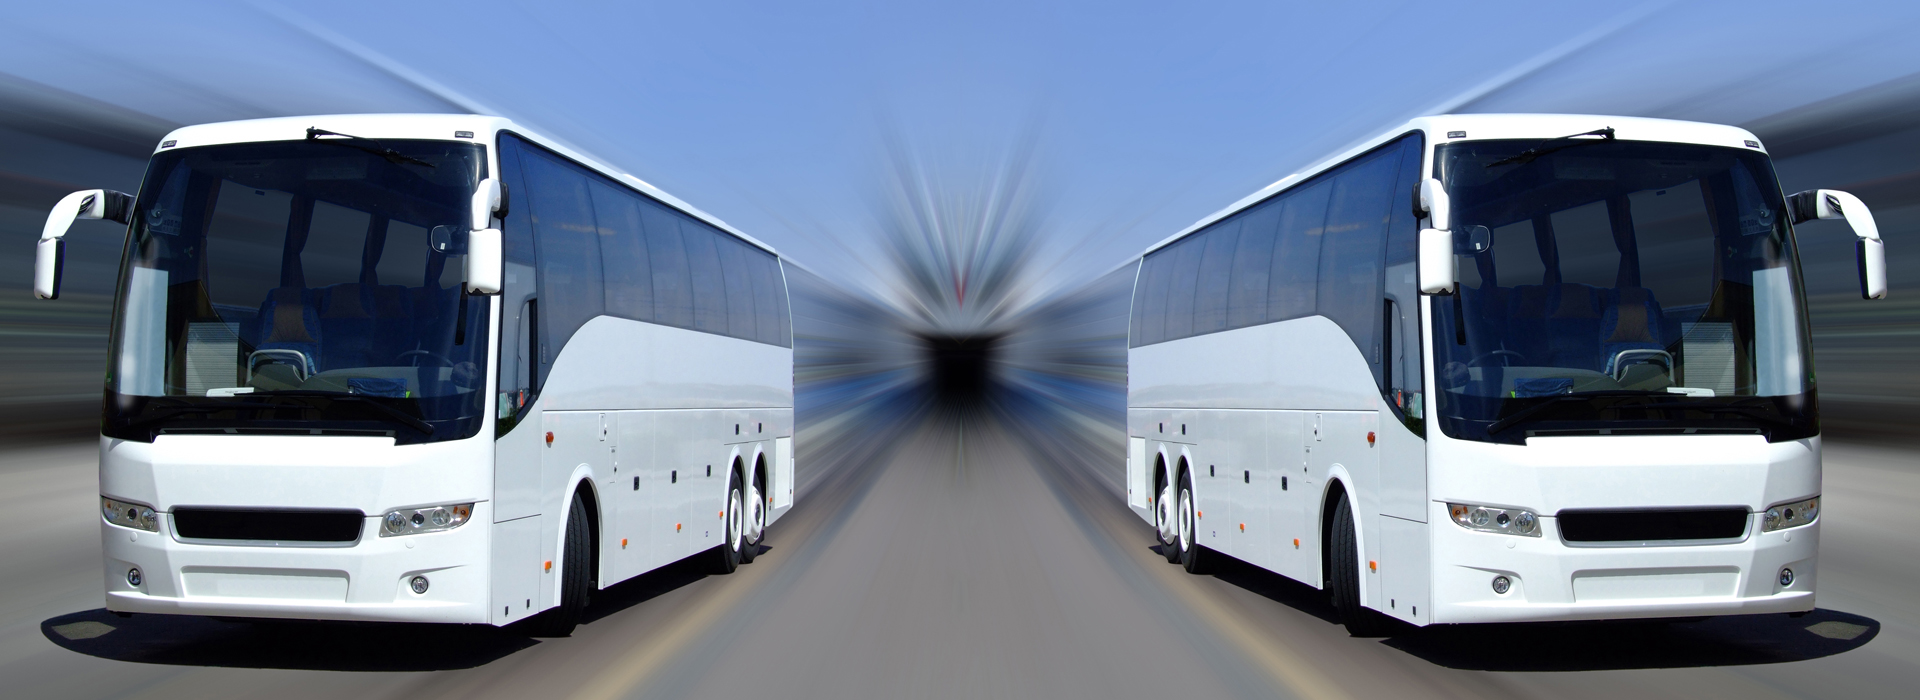 02-bus